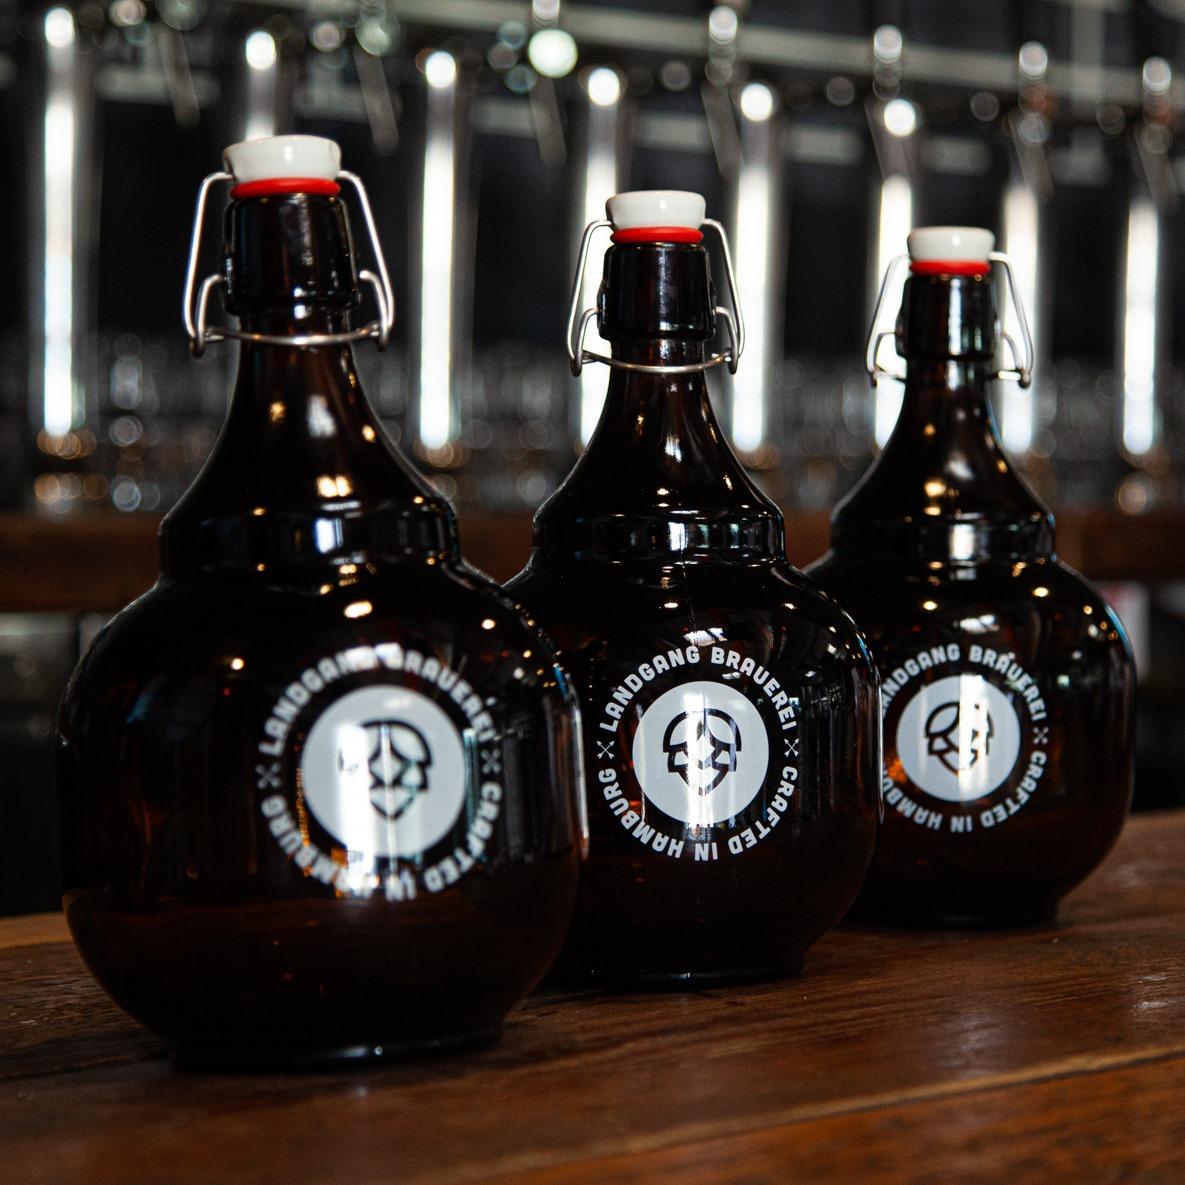 Bier en masse: Die Landgang Brauerei füllt deinen Growler.